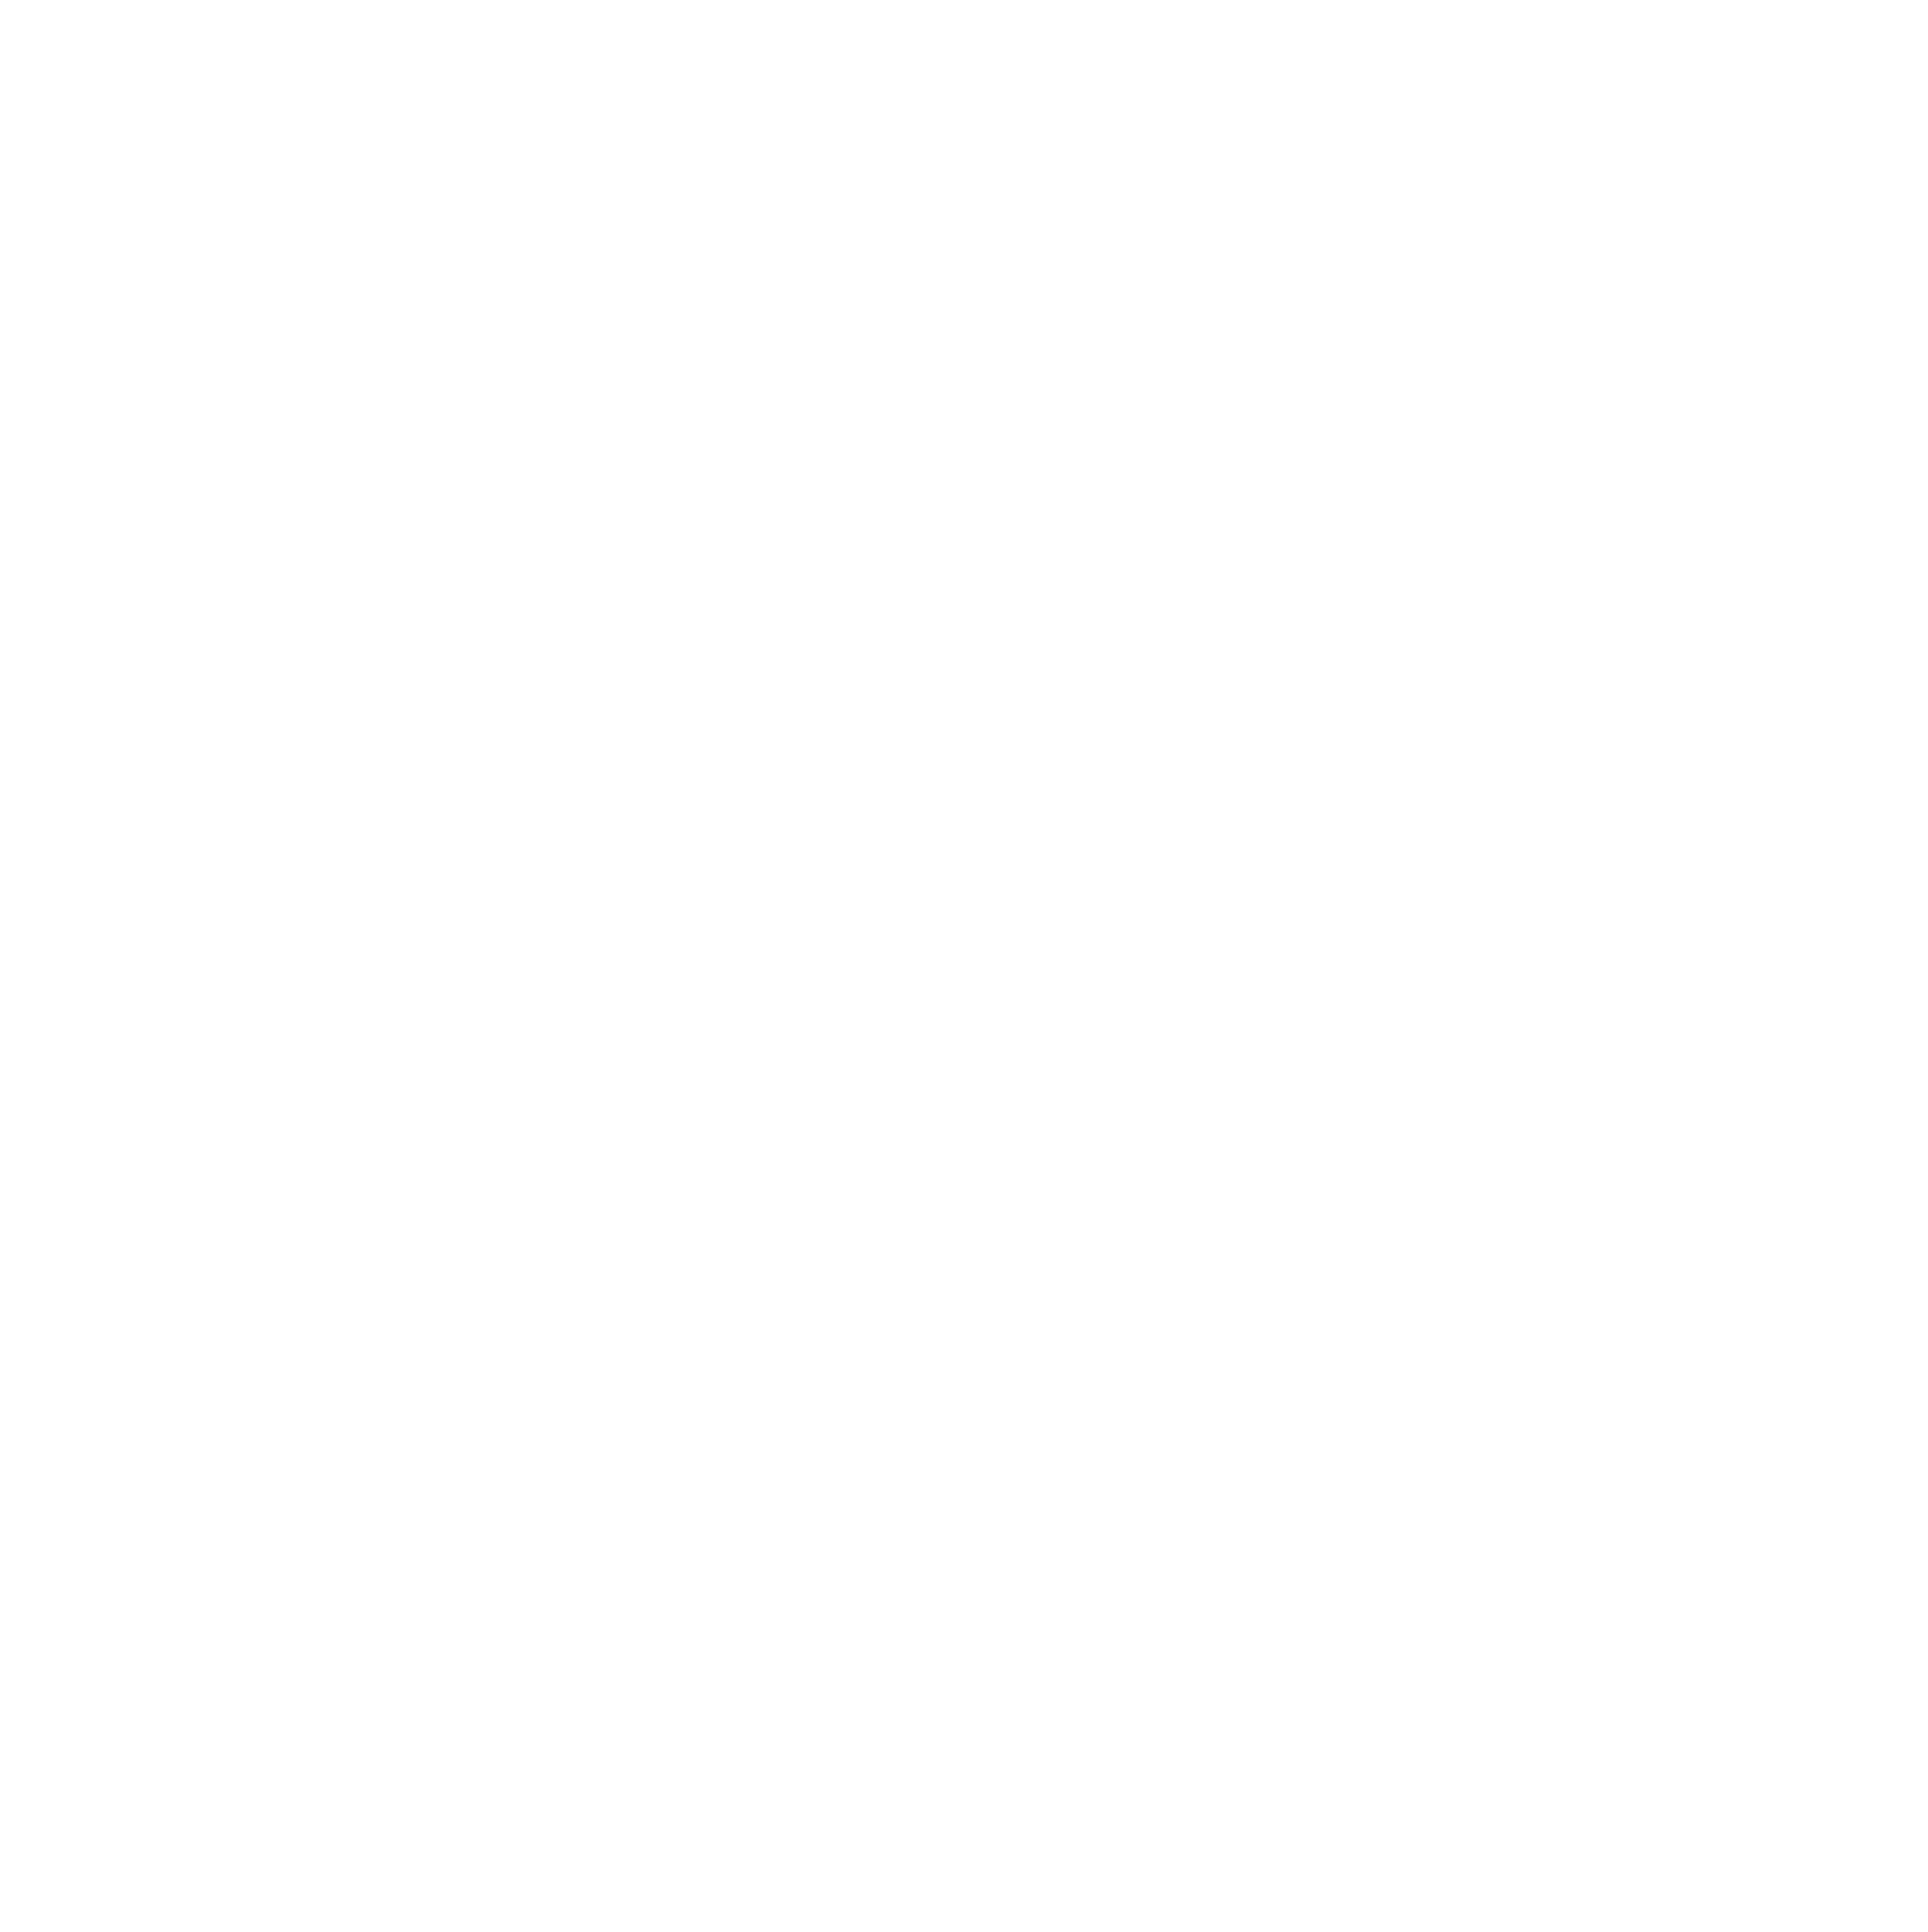 Globsyn Group